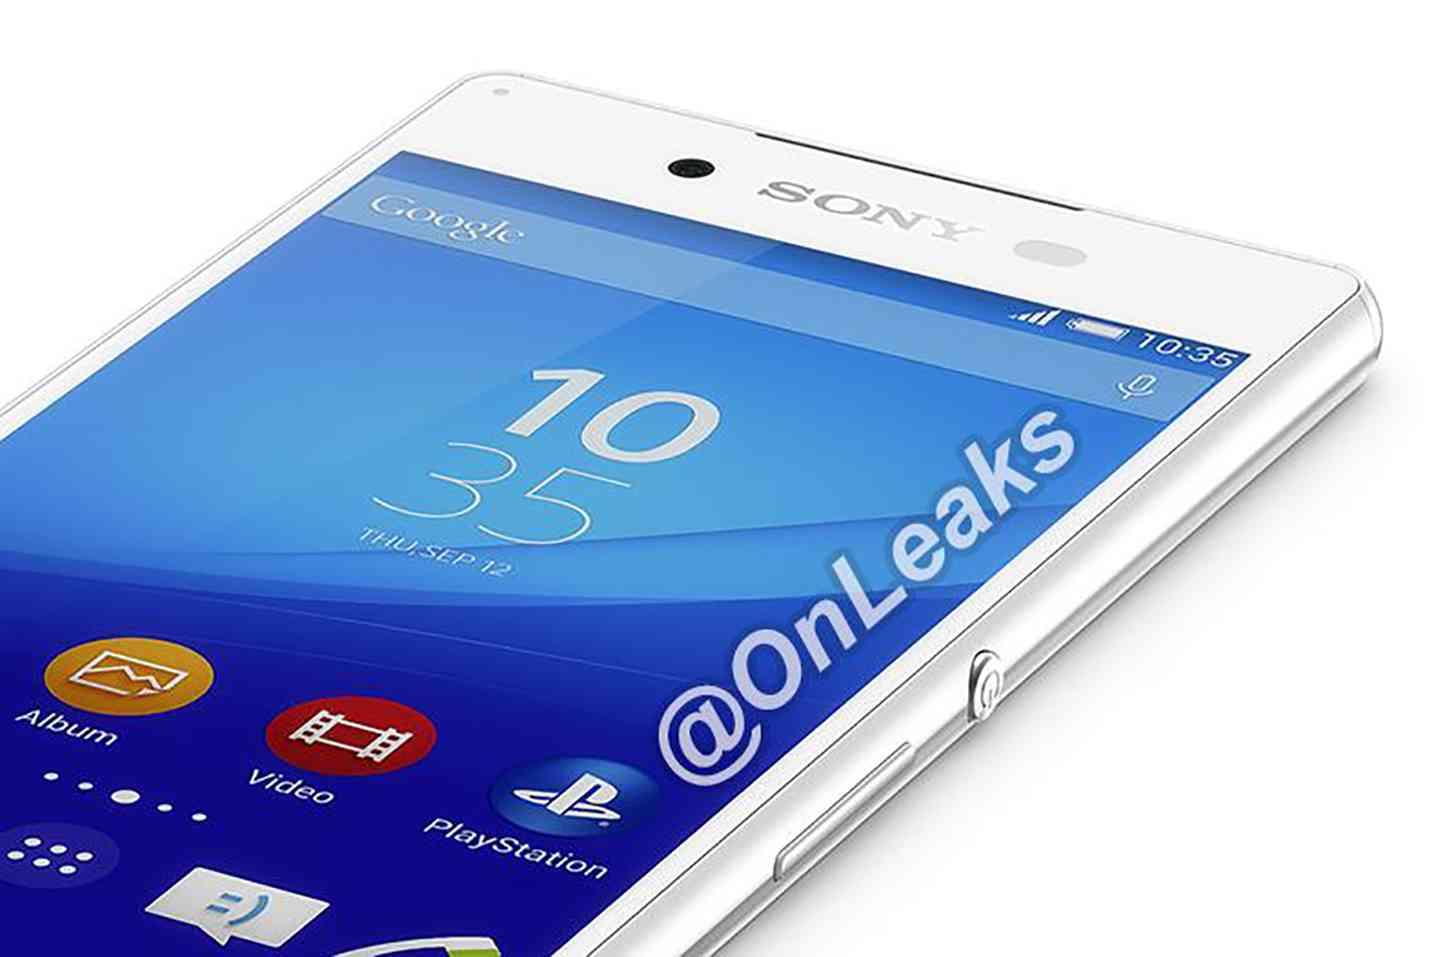 Sony Xperia Z4 leak white